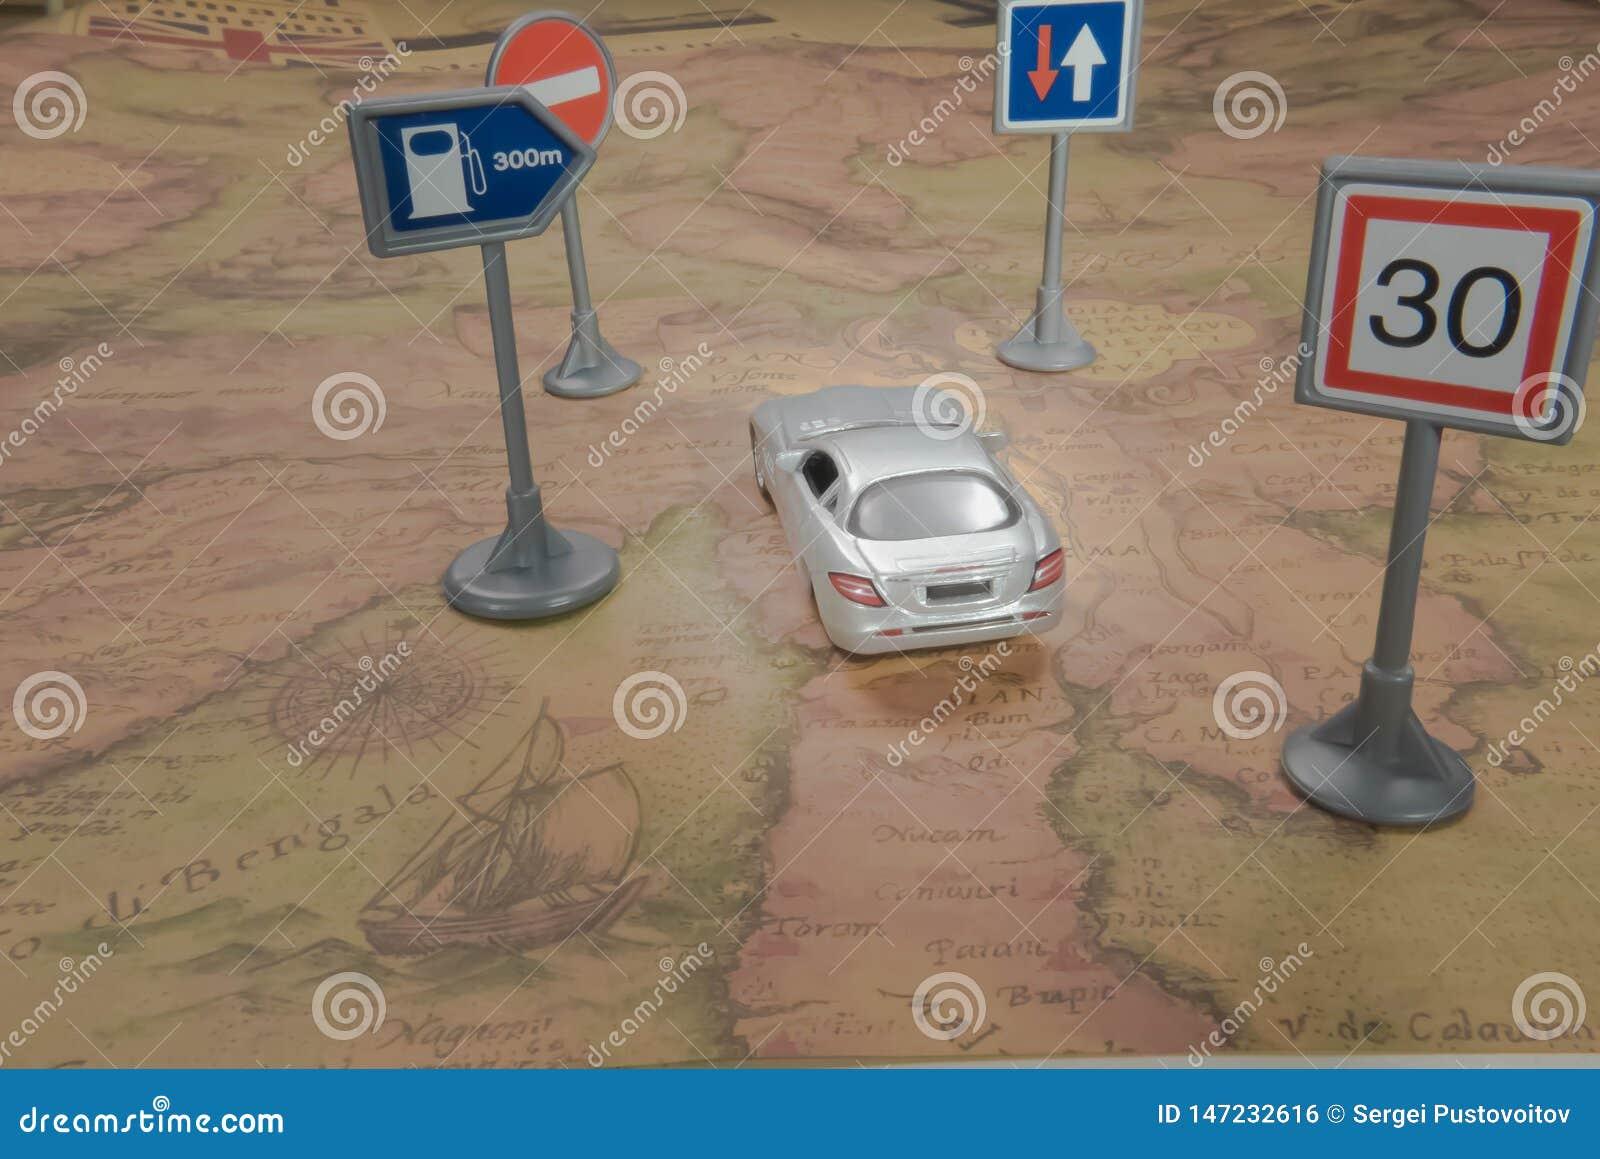 Kleines Auto auf Dublin-Stadtkarte Spielzeugauto auf Weinlese Weltkarte mit Verkehrsschild